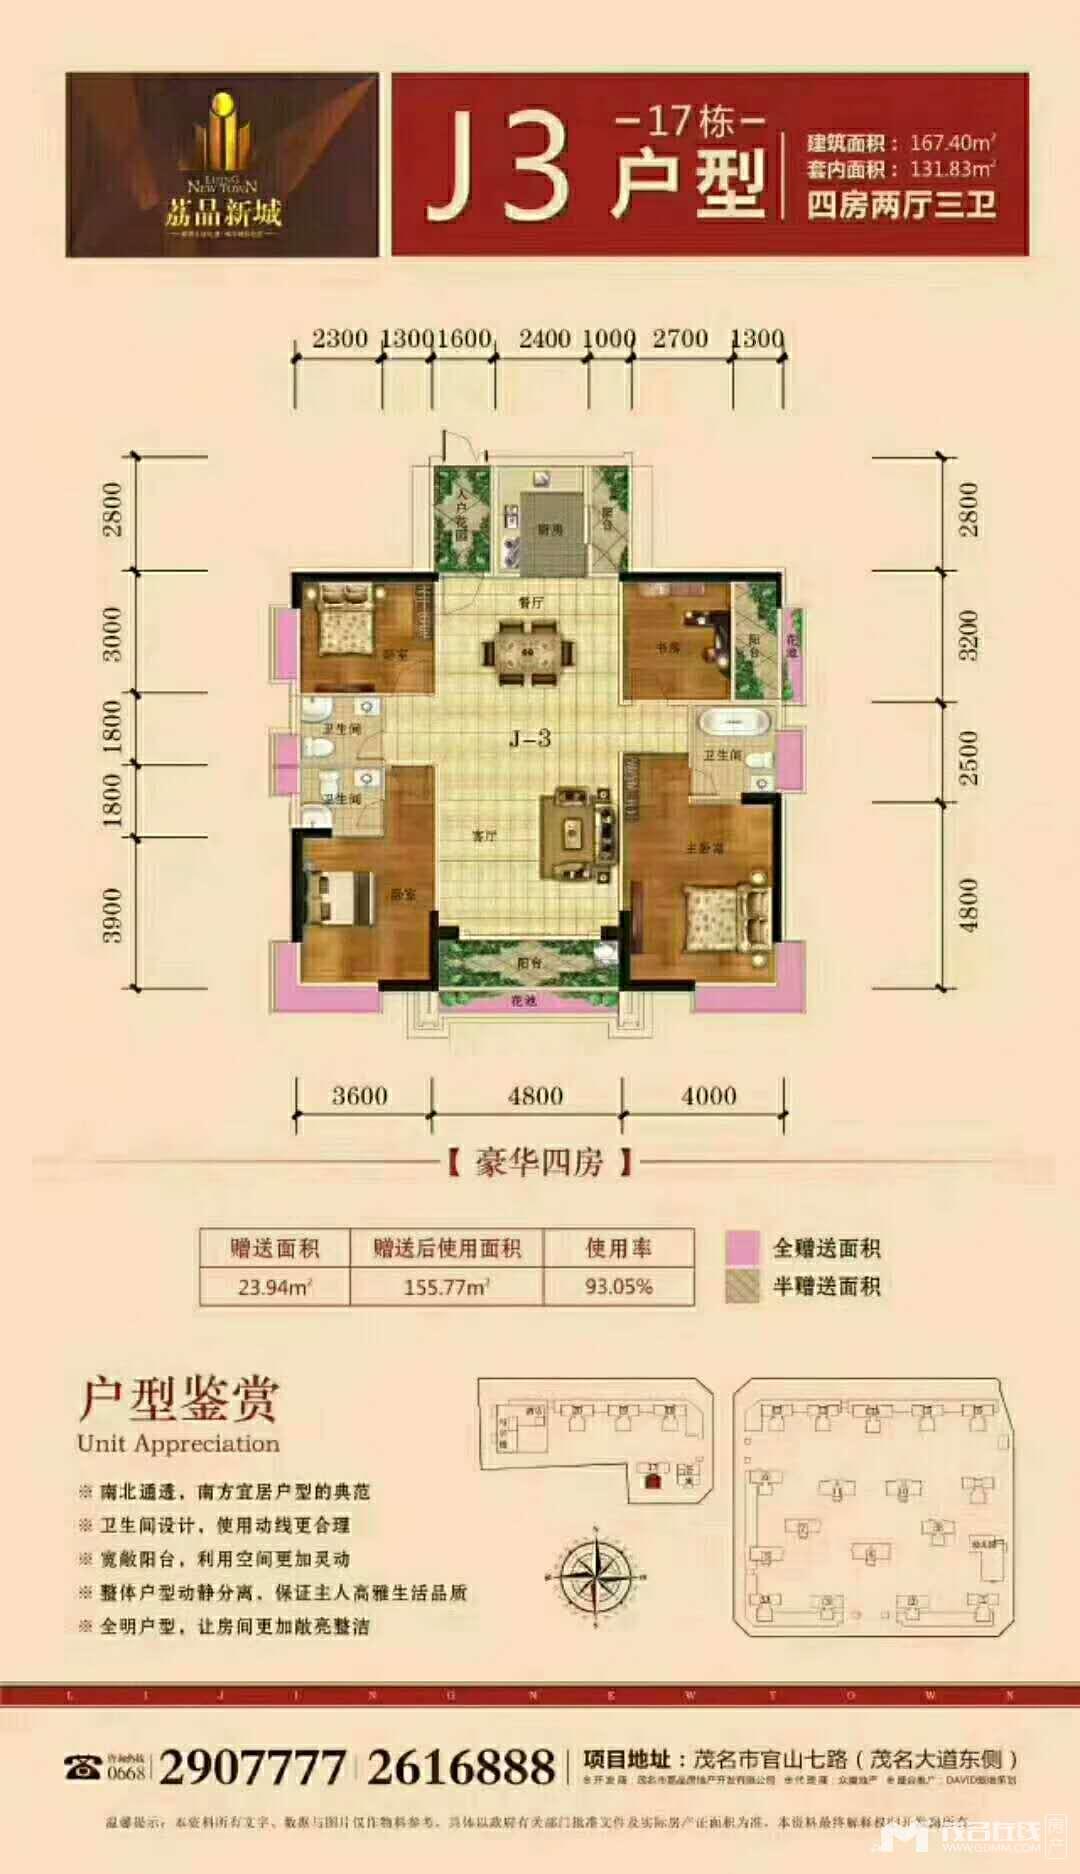 茘晶新城二期 4房2厅,164平方,东南向,毛坯,包改名, 162万